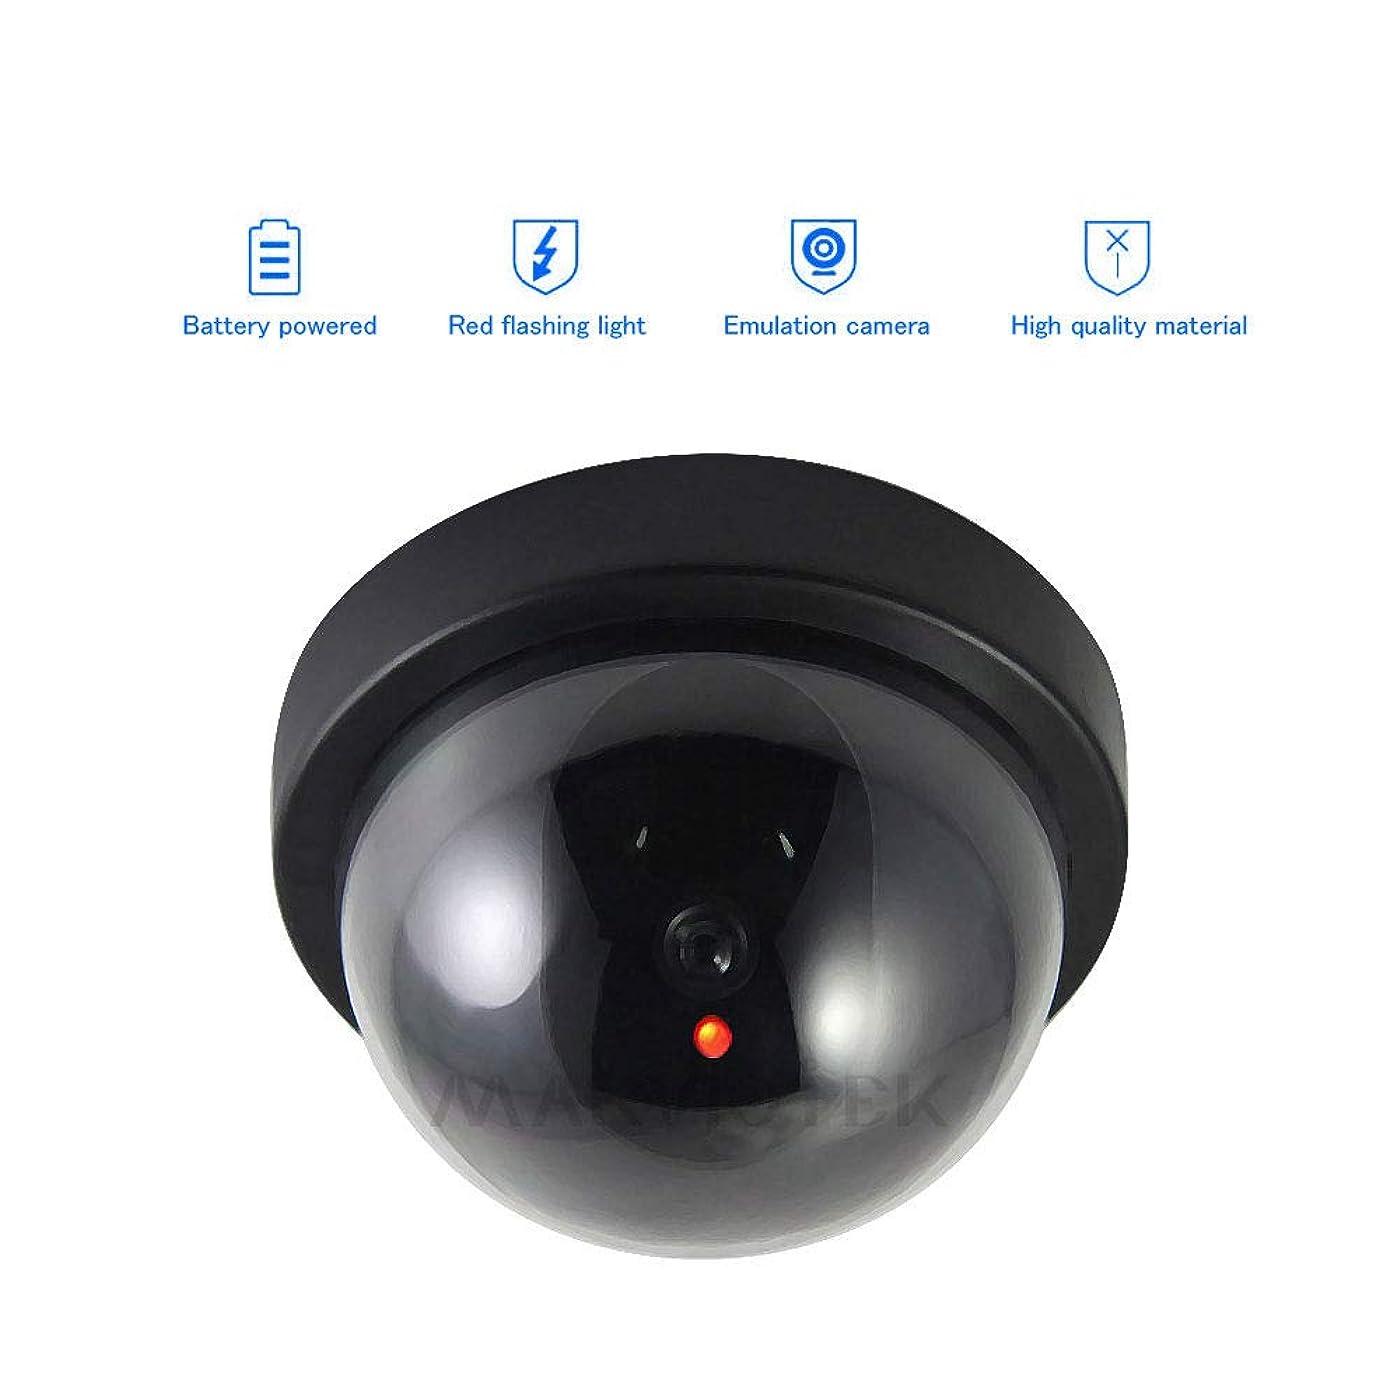 問い合わせ法王印象派屋内偽のIPカメラWifiホームセキュリティビデオ監視ダミーカメラCctv Videcamミニカメラ点滅LEDライト